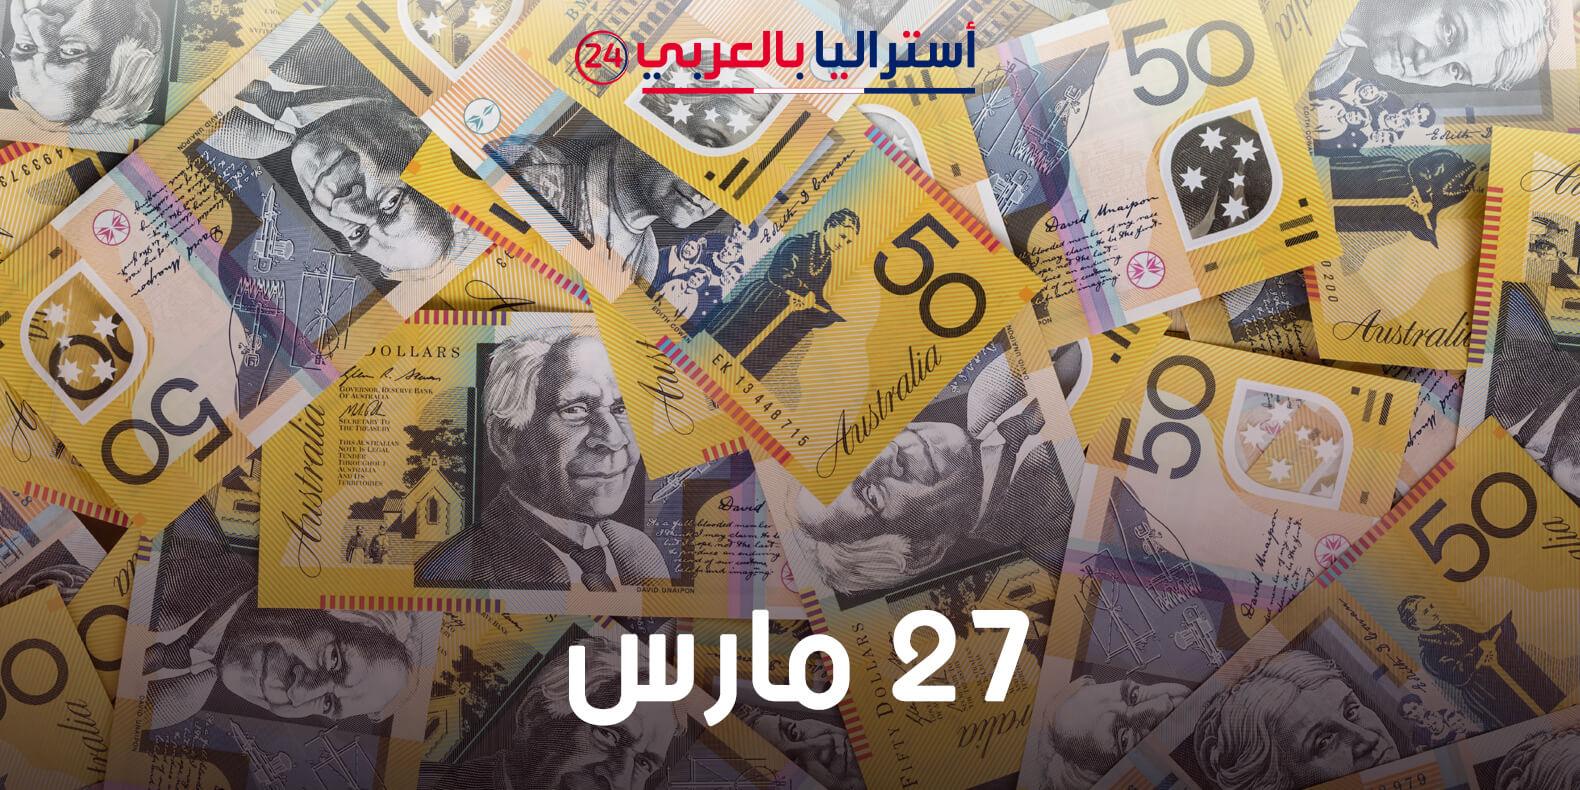 سعر الدولار الاسترالي مقابل العملات العالمية والعربية اليوم 27 مارس